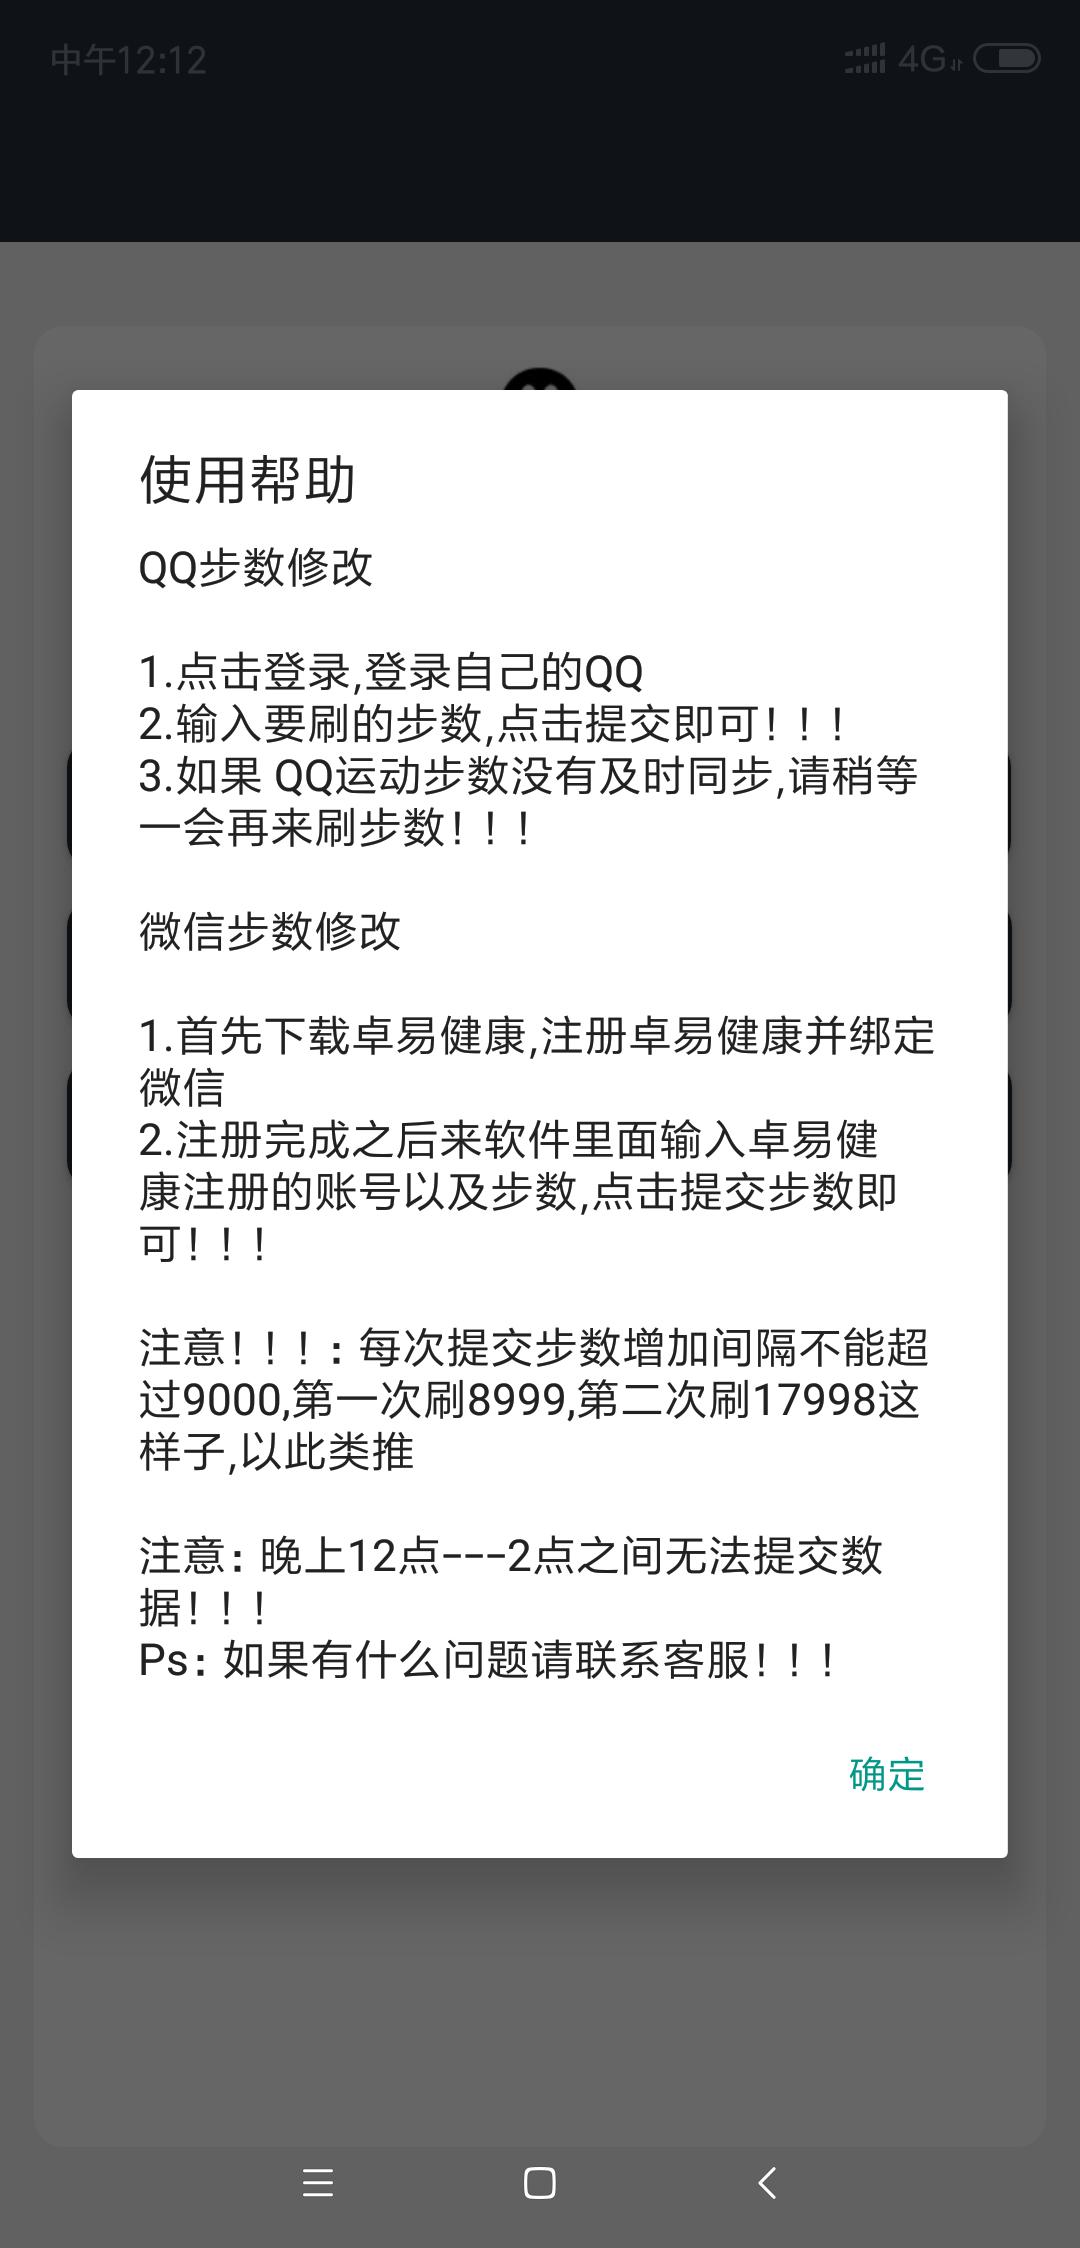 Screenshot_2018-10-05-12-12-59-304_com.yundongzhushou.dz.png